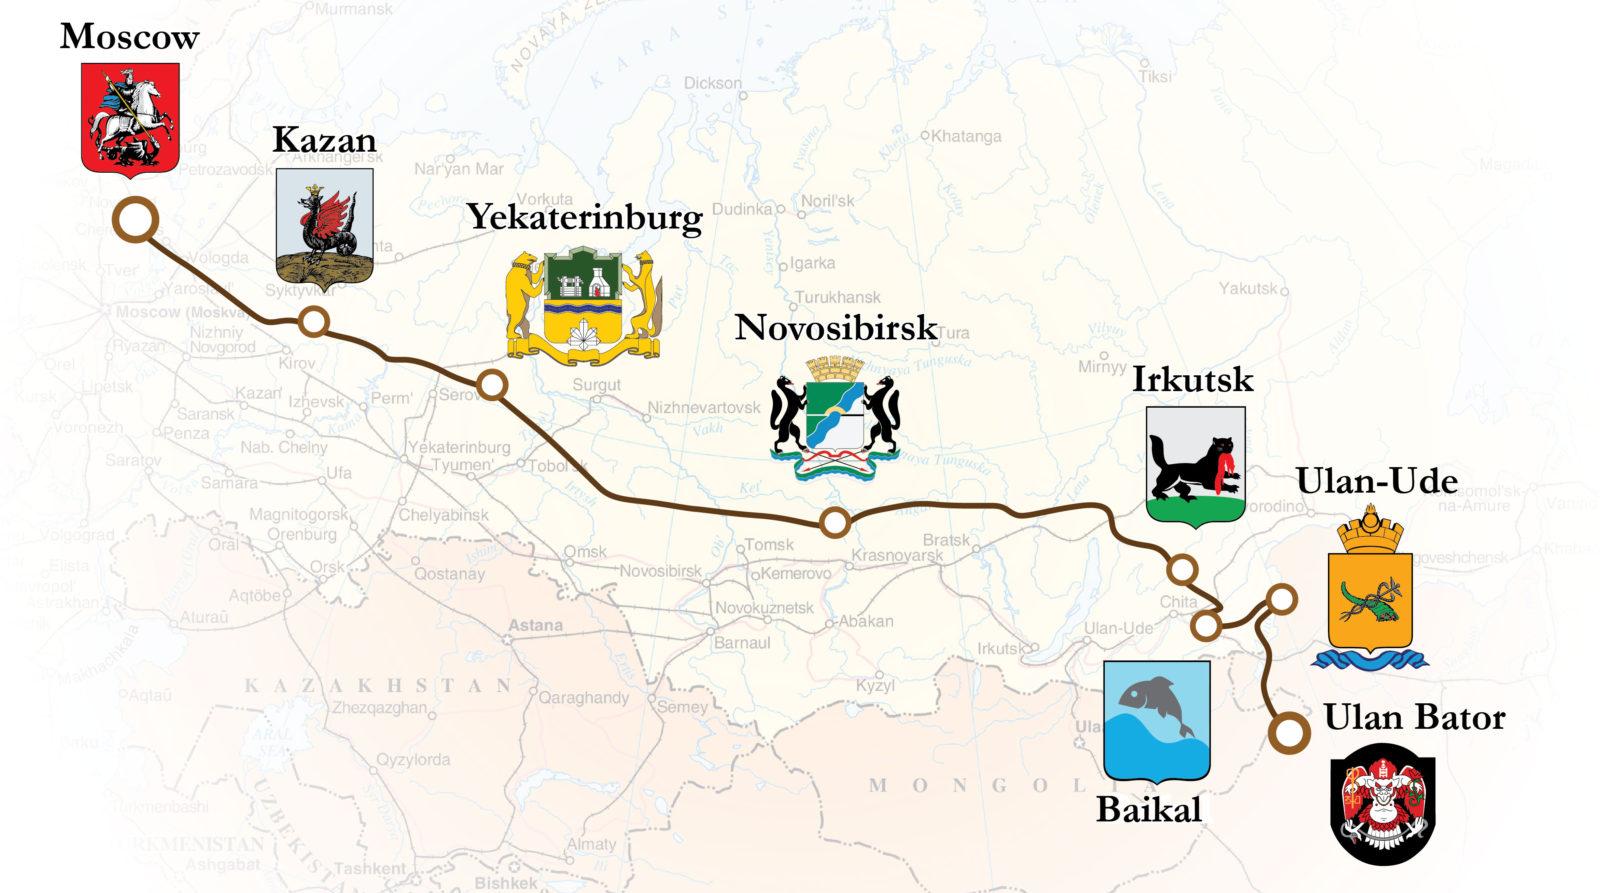 מסלול הטיול ברכבת הטרנס סיבירית - מרוסיה למונגוליה